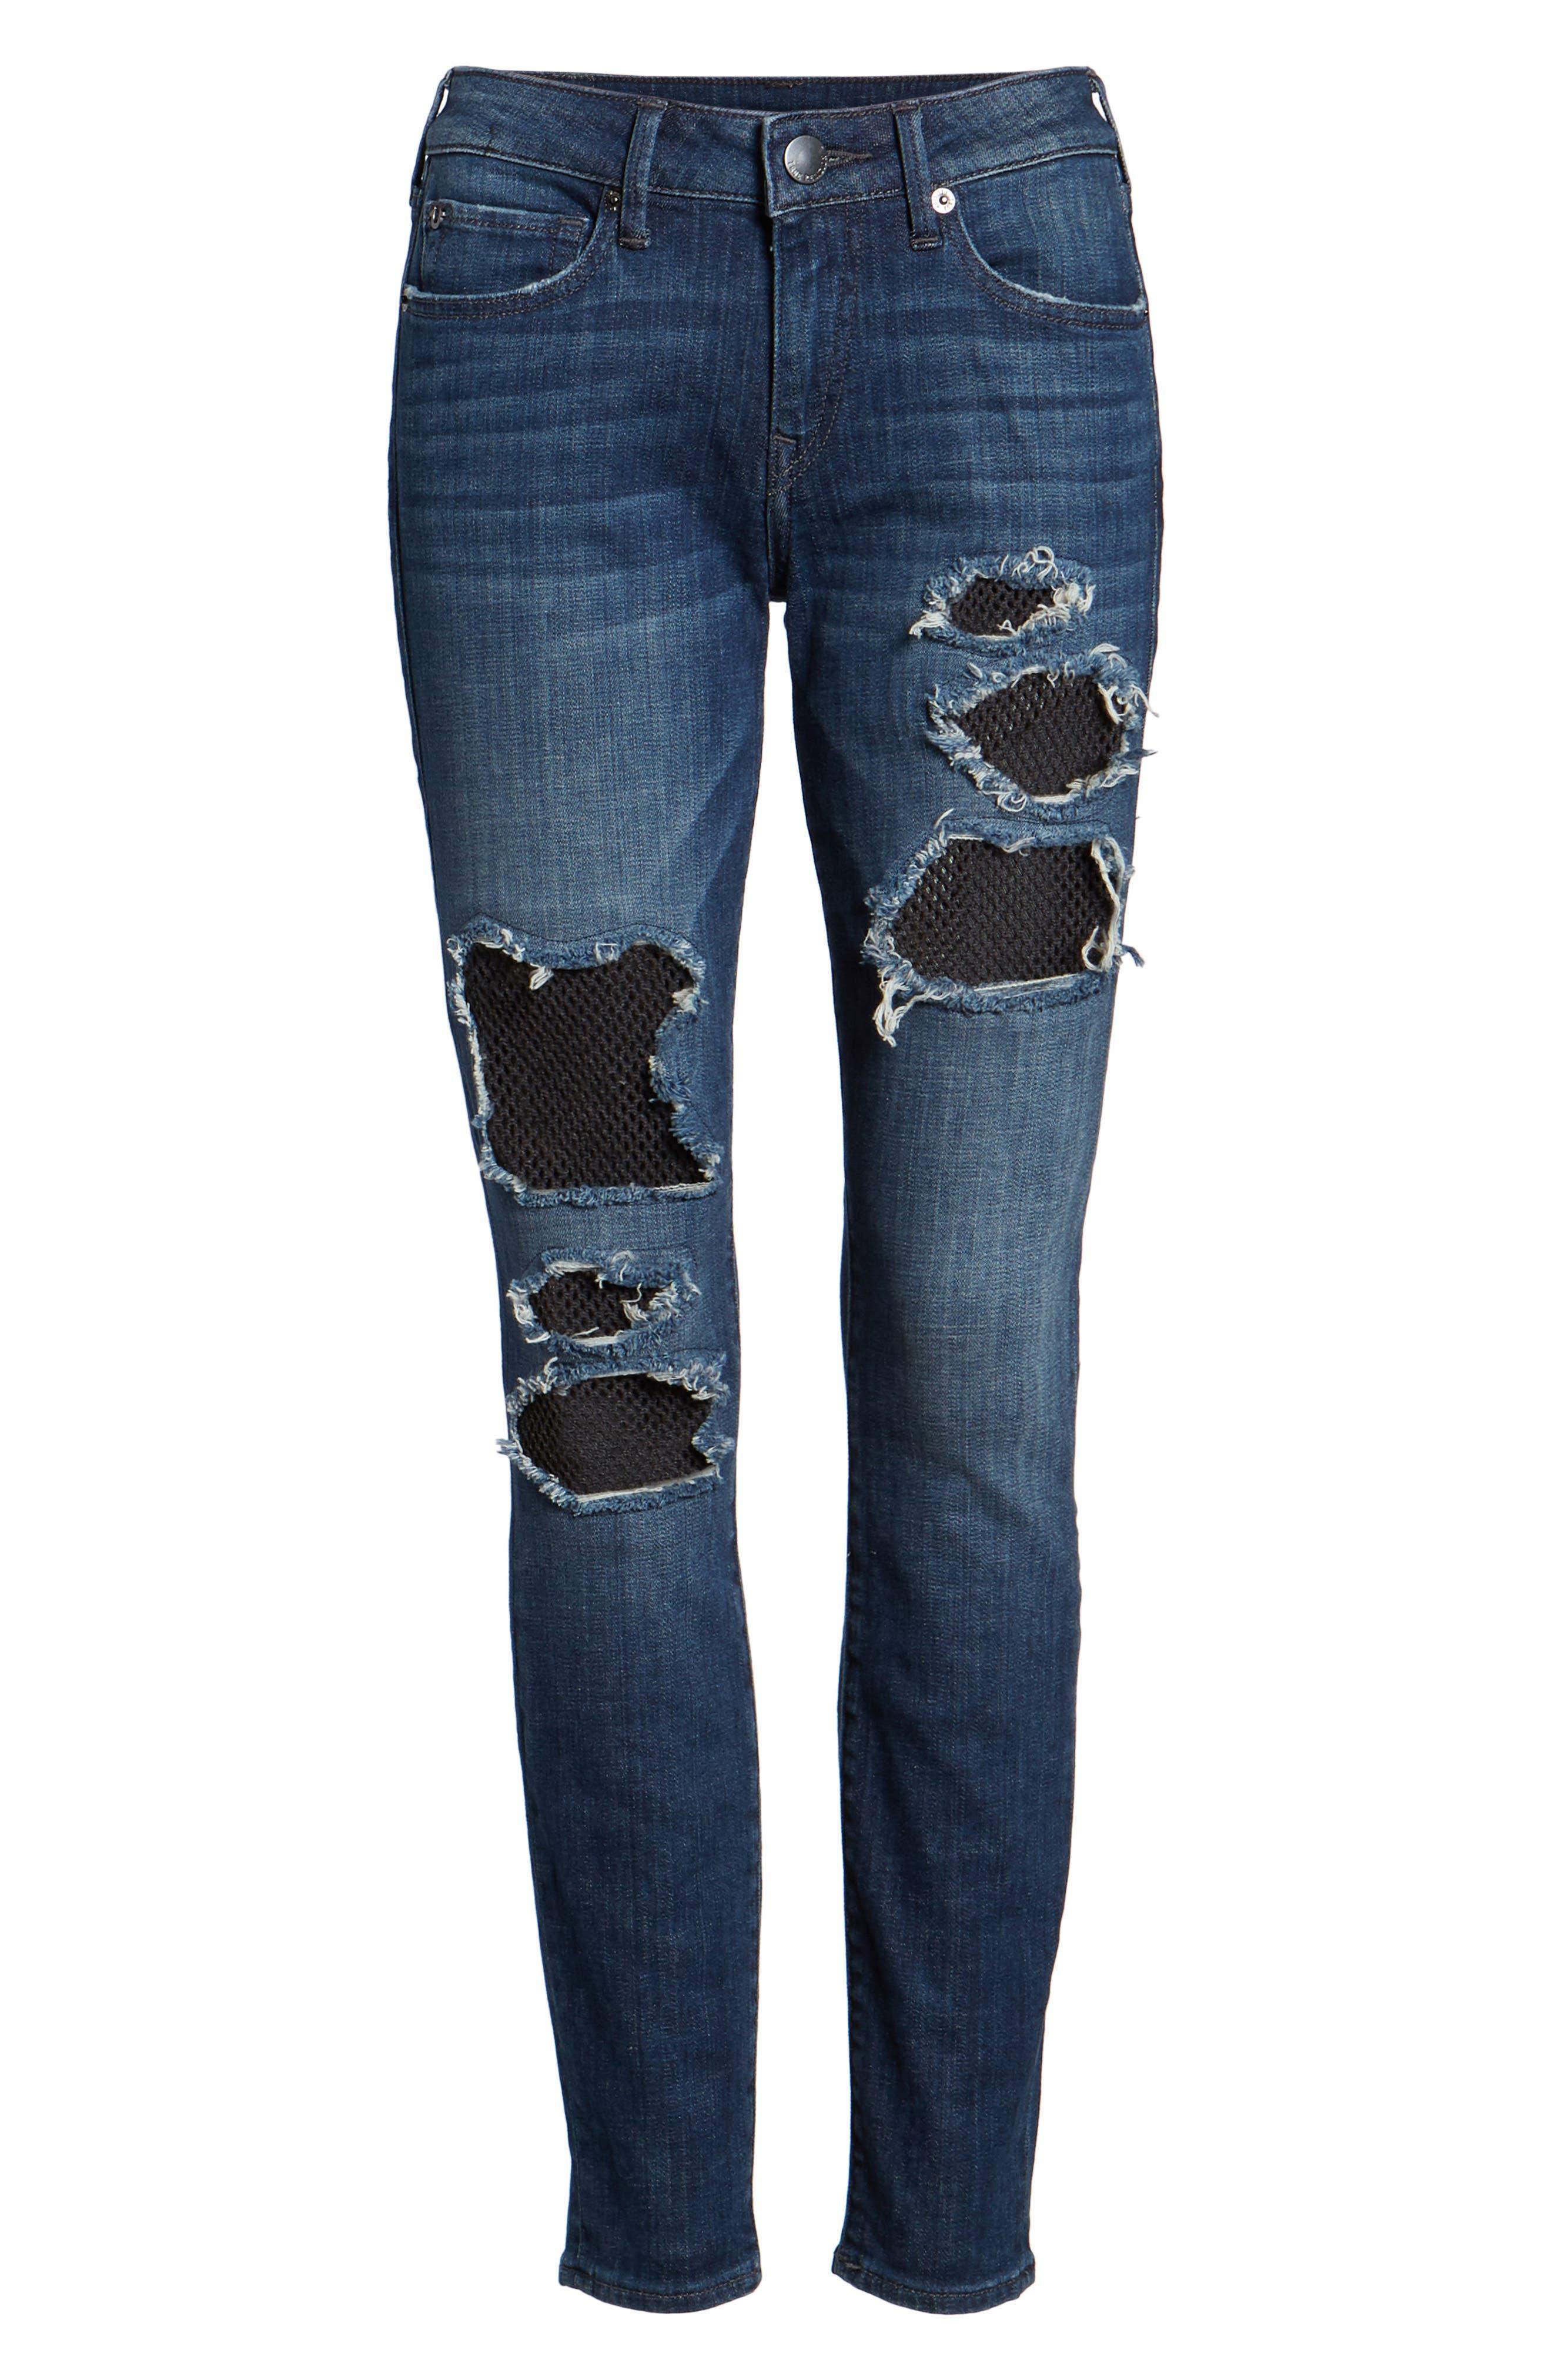 Halle Fishnet Skinny Jeans,                             Alternate thumbnail 7, color,                             402